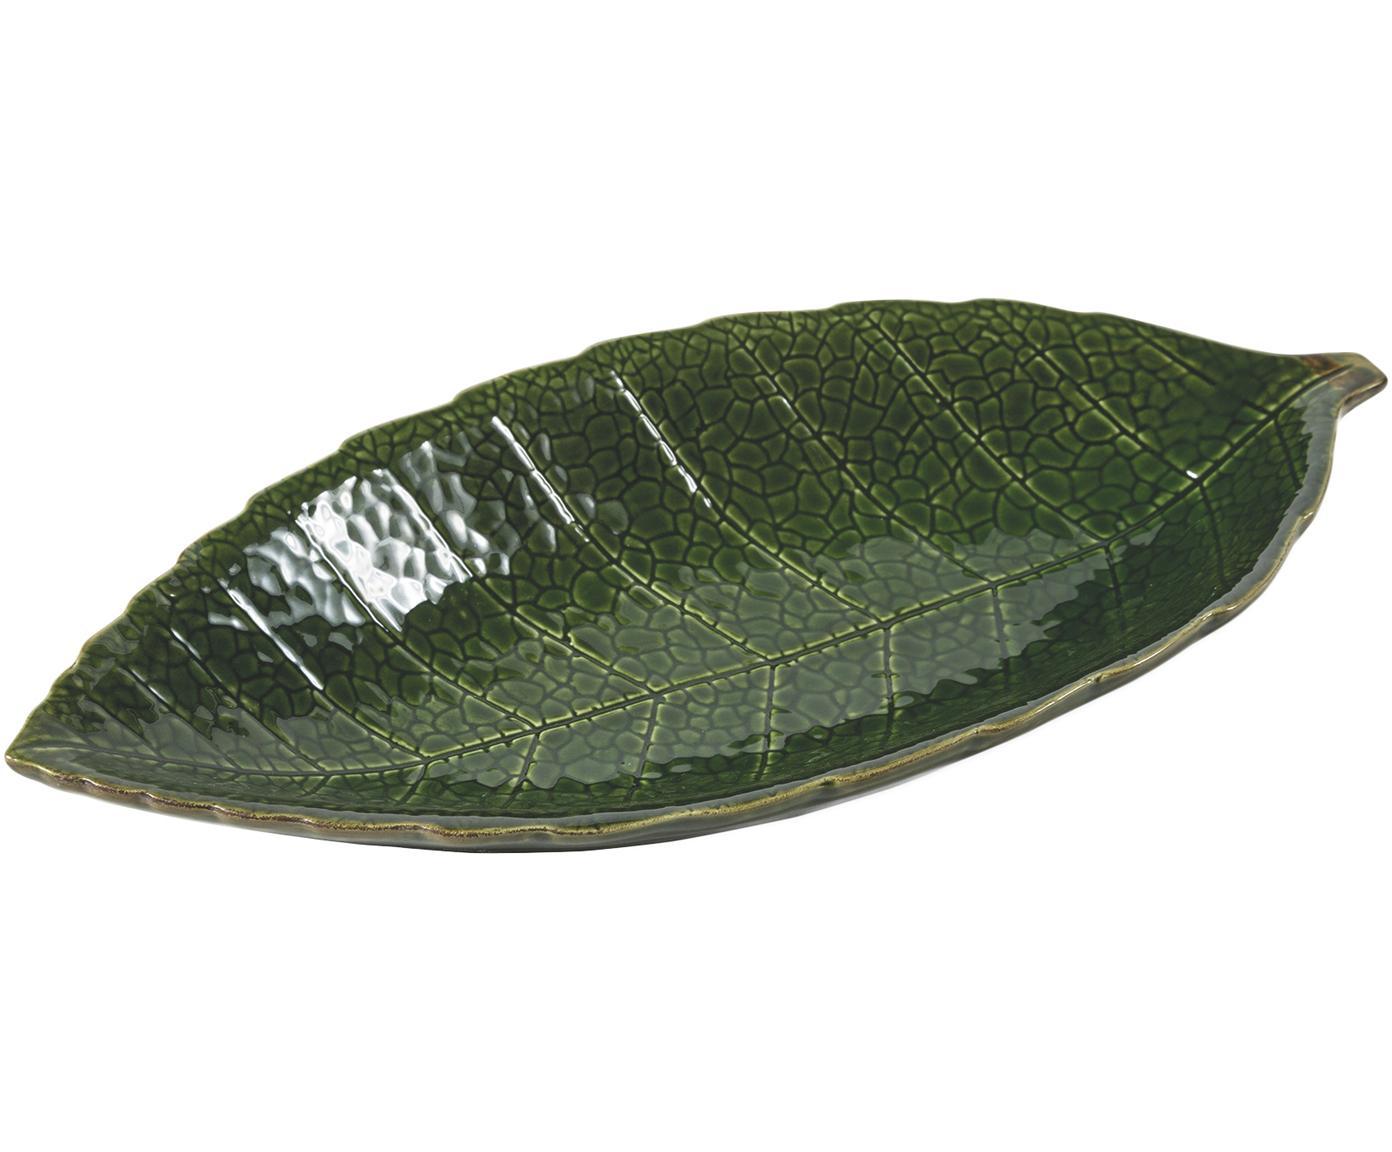 Miska do serwowania Amazzonia, Dolomit, Zielony, S 34 x G 16 cm